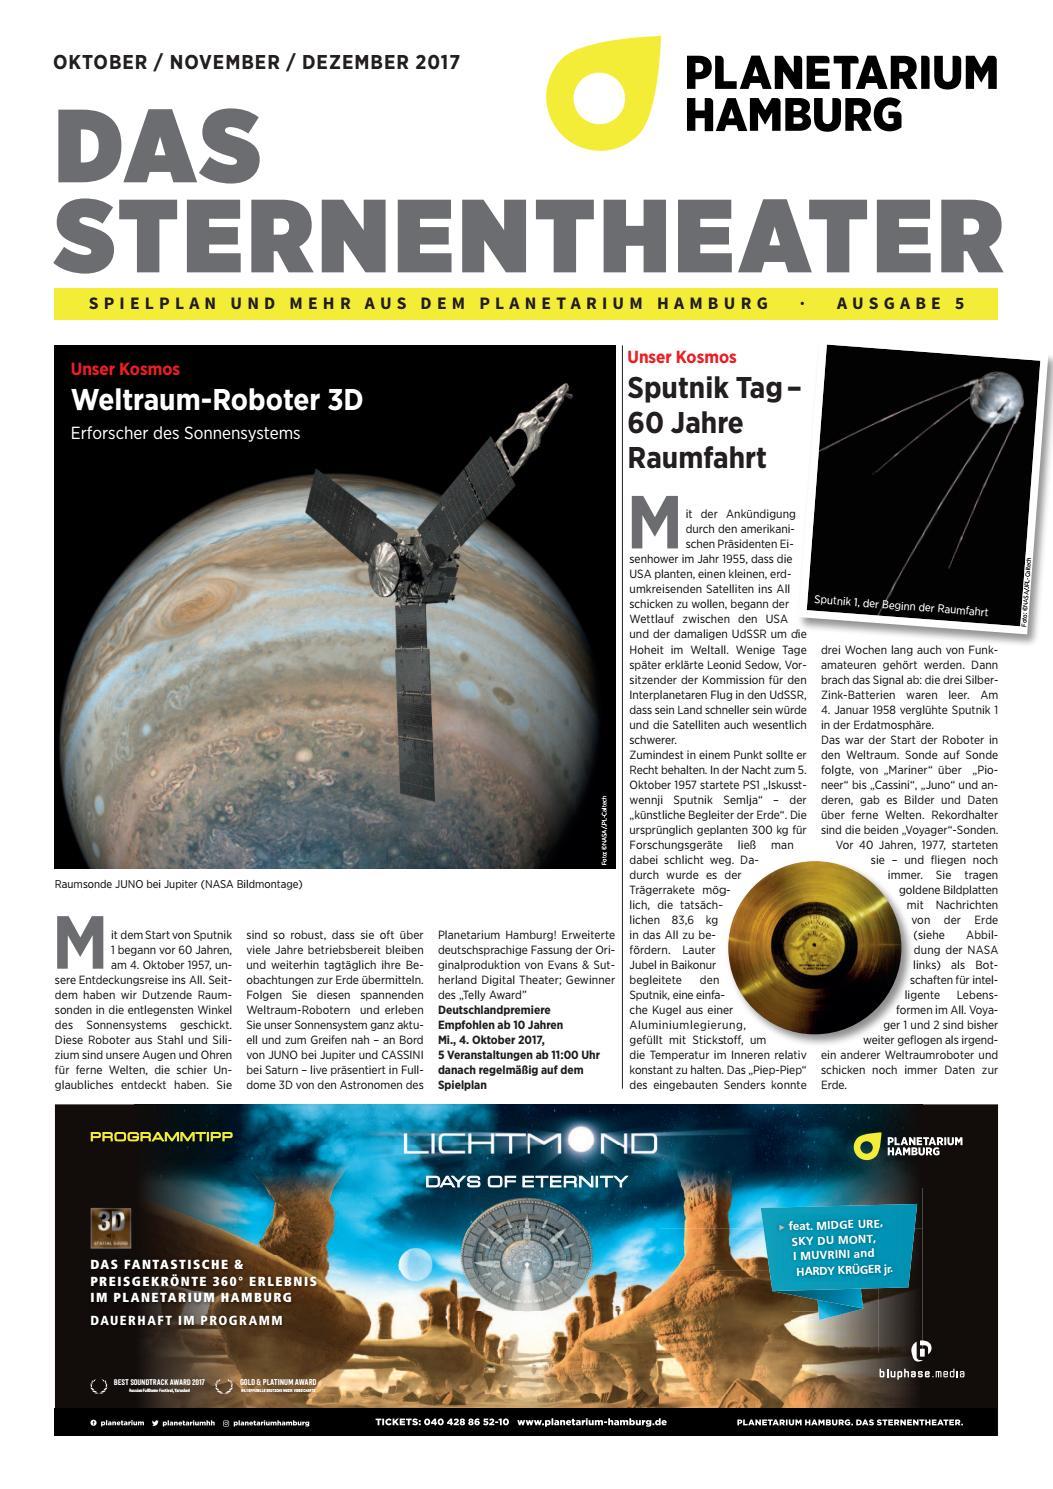 Programm Planetarium Hh Okt Dez 2017 By Planetarium Hamburg Issuu